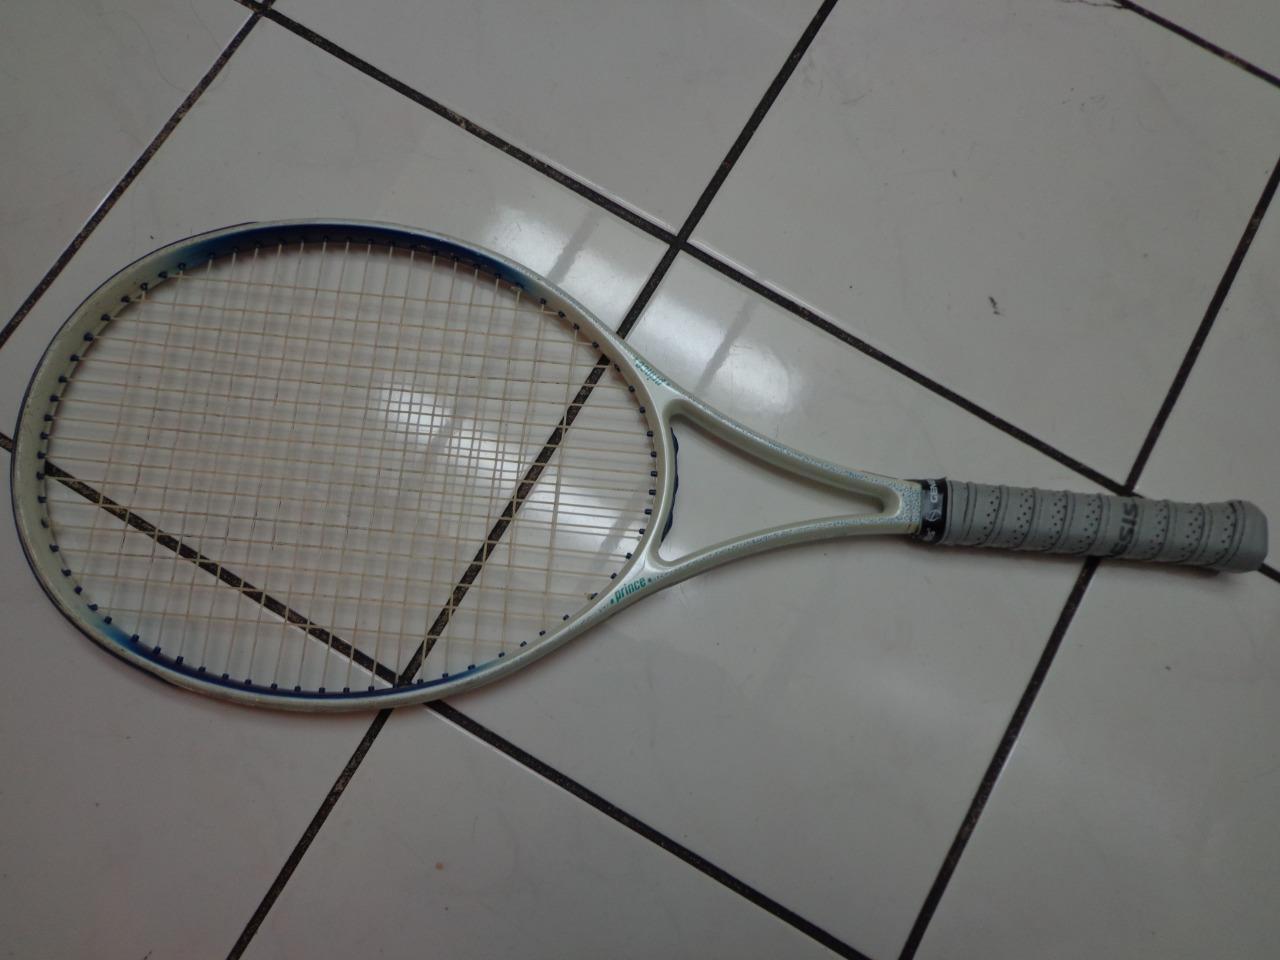 Raro Príncipe Ace Cara Cara Cara 110 cabeza pequeña Agarre de 4  tenis raqueta d02145